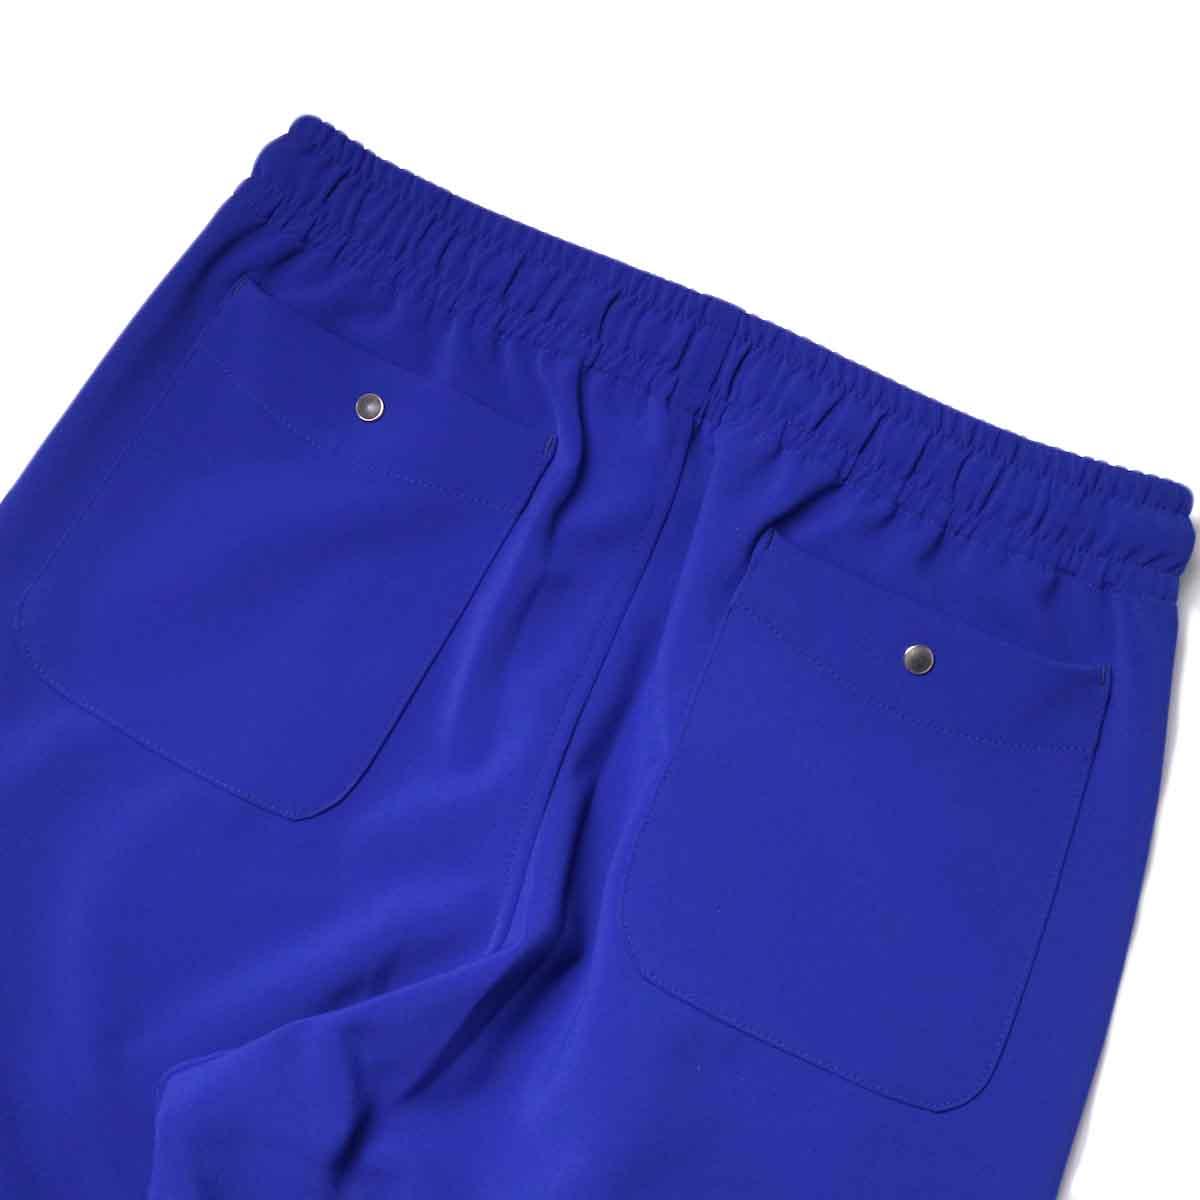 Needles / PIPING COWBOY PANT - PE/PU DOUBLE CLOTH (Royal)ヒップポケット